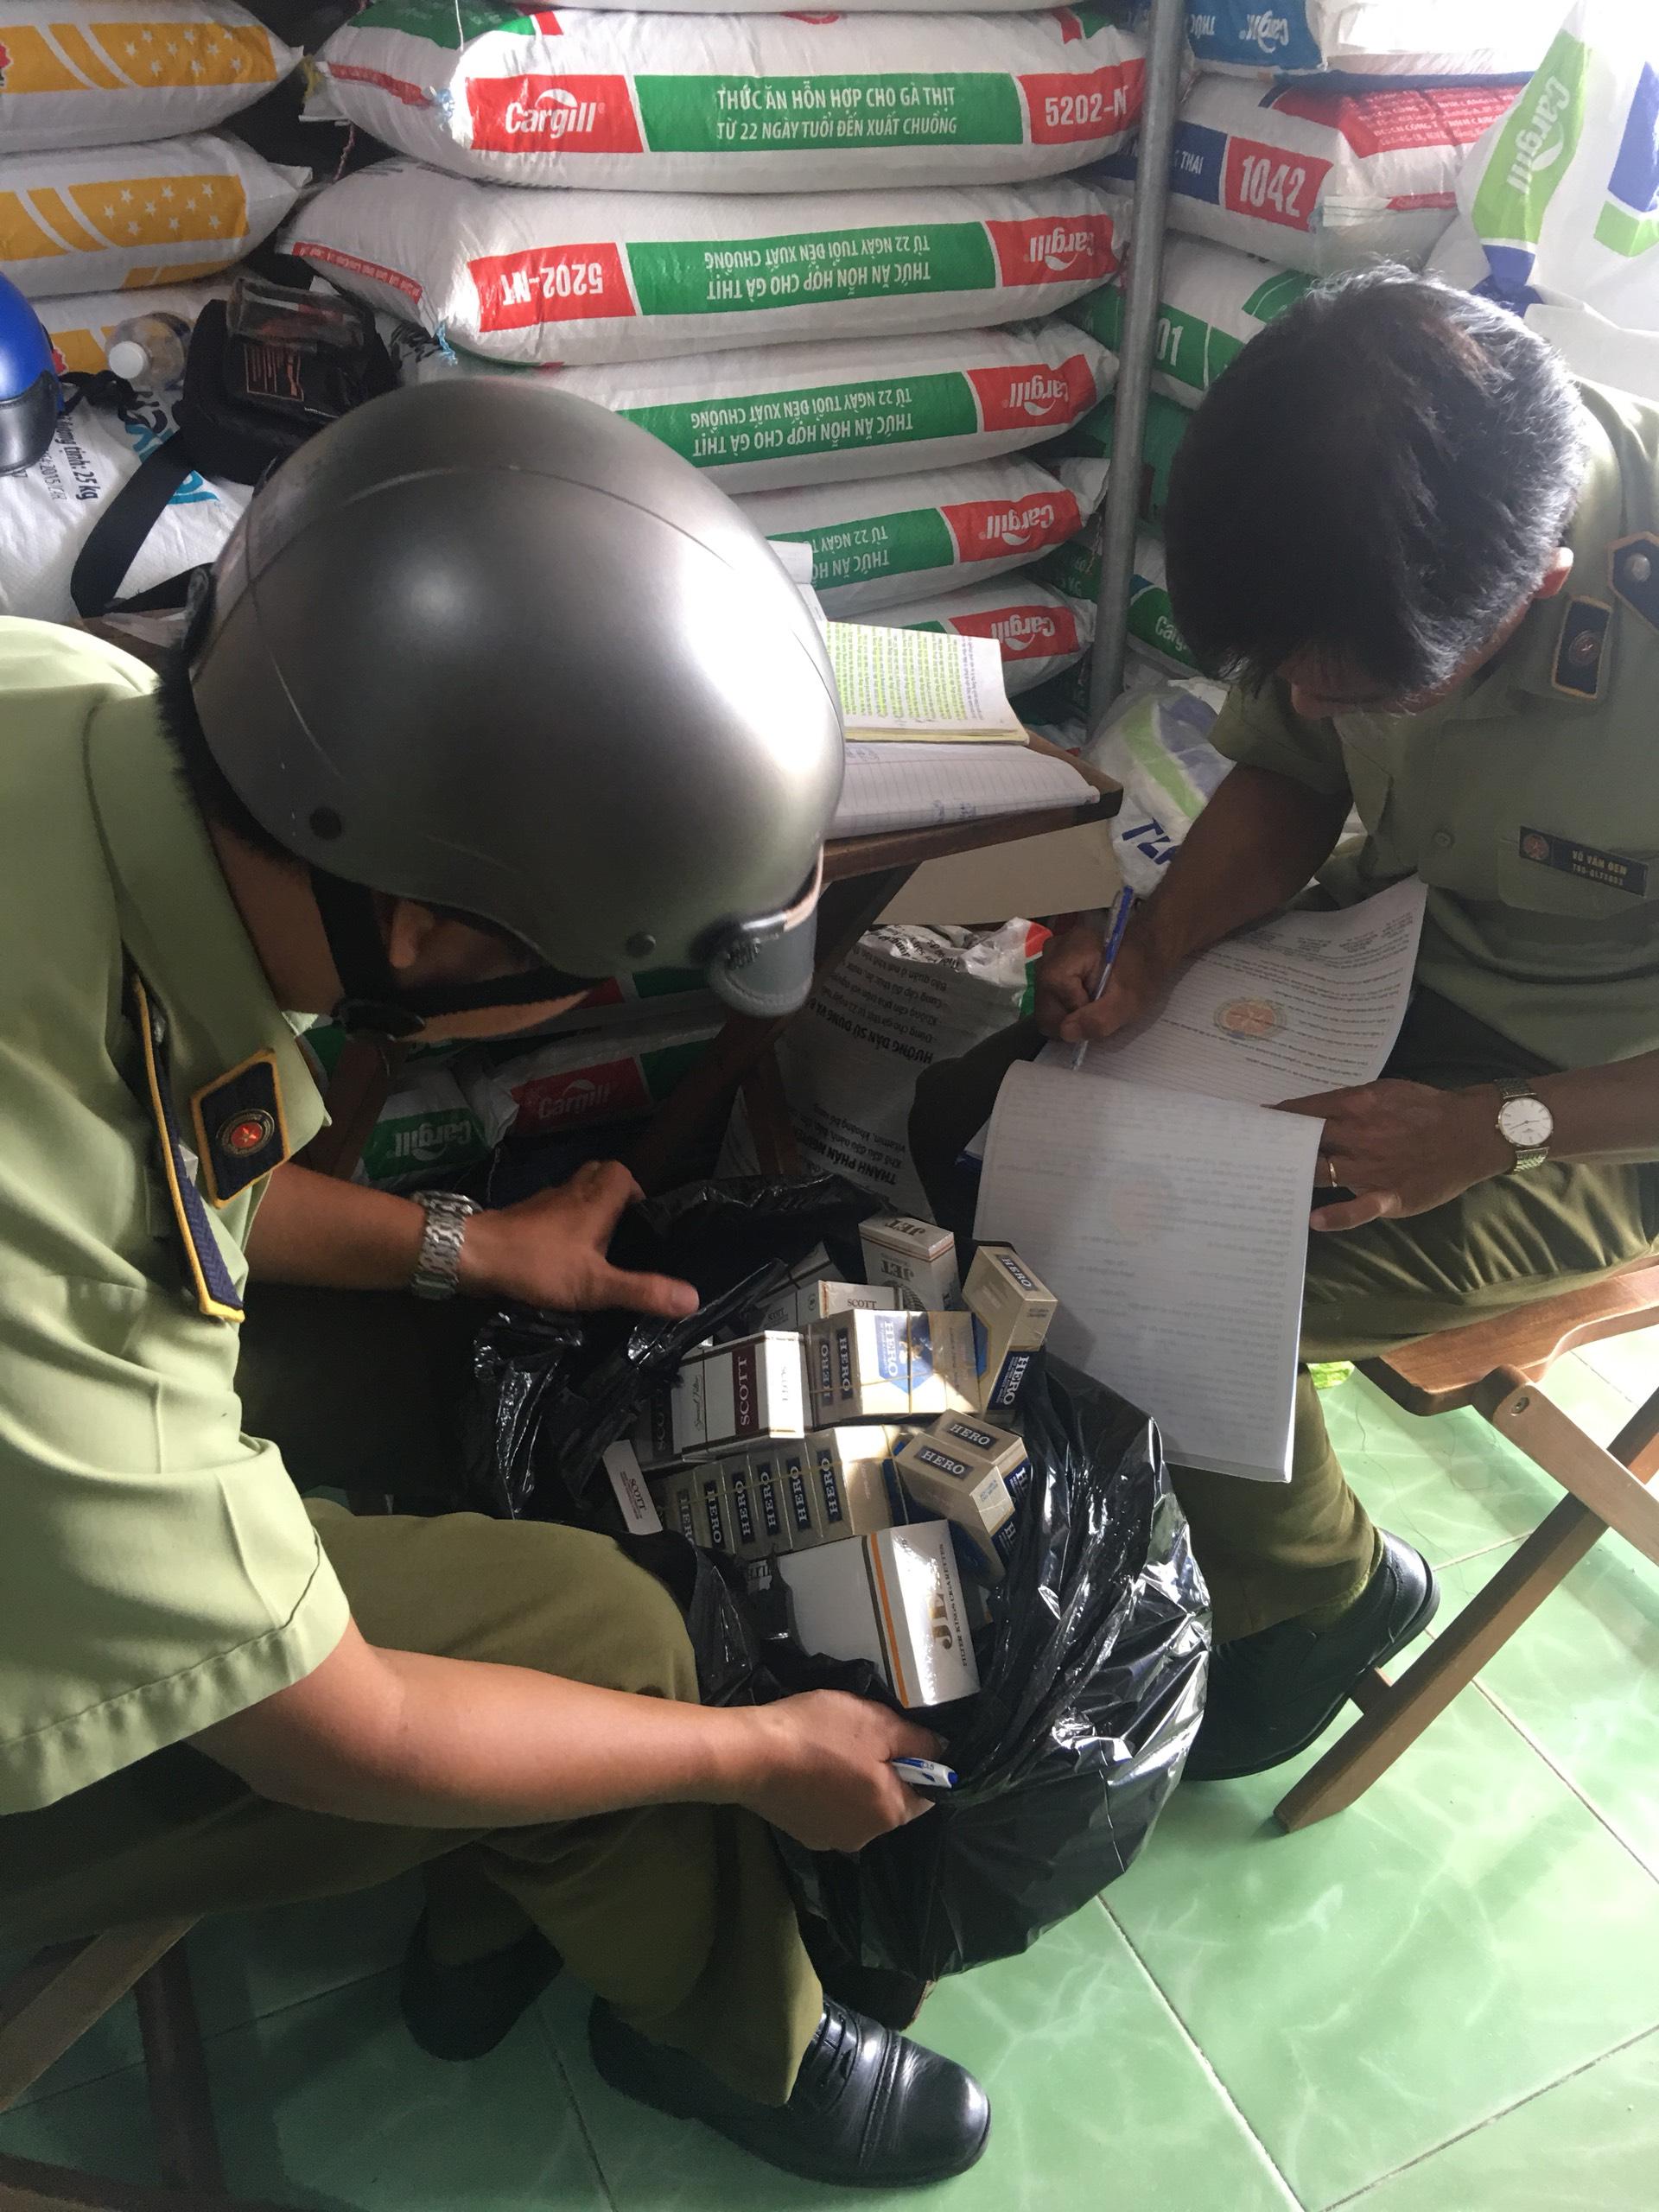 Đội QLTT số 2 thuộc Cục QLTT tỉnh Bạc Liêu đã tiến hành kiểm tra đột xuất cơ sở kinh doanh và ra quyết định xử phạt VPHC với số tiền 15.000.000 đồng